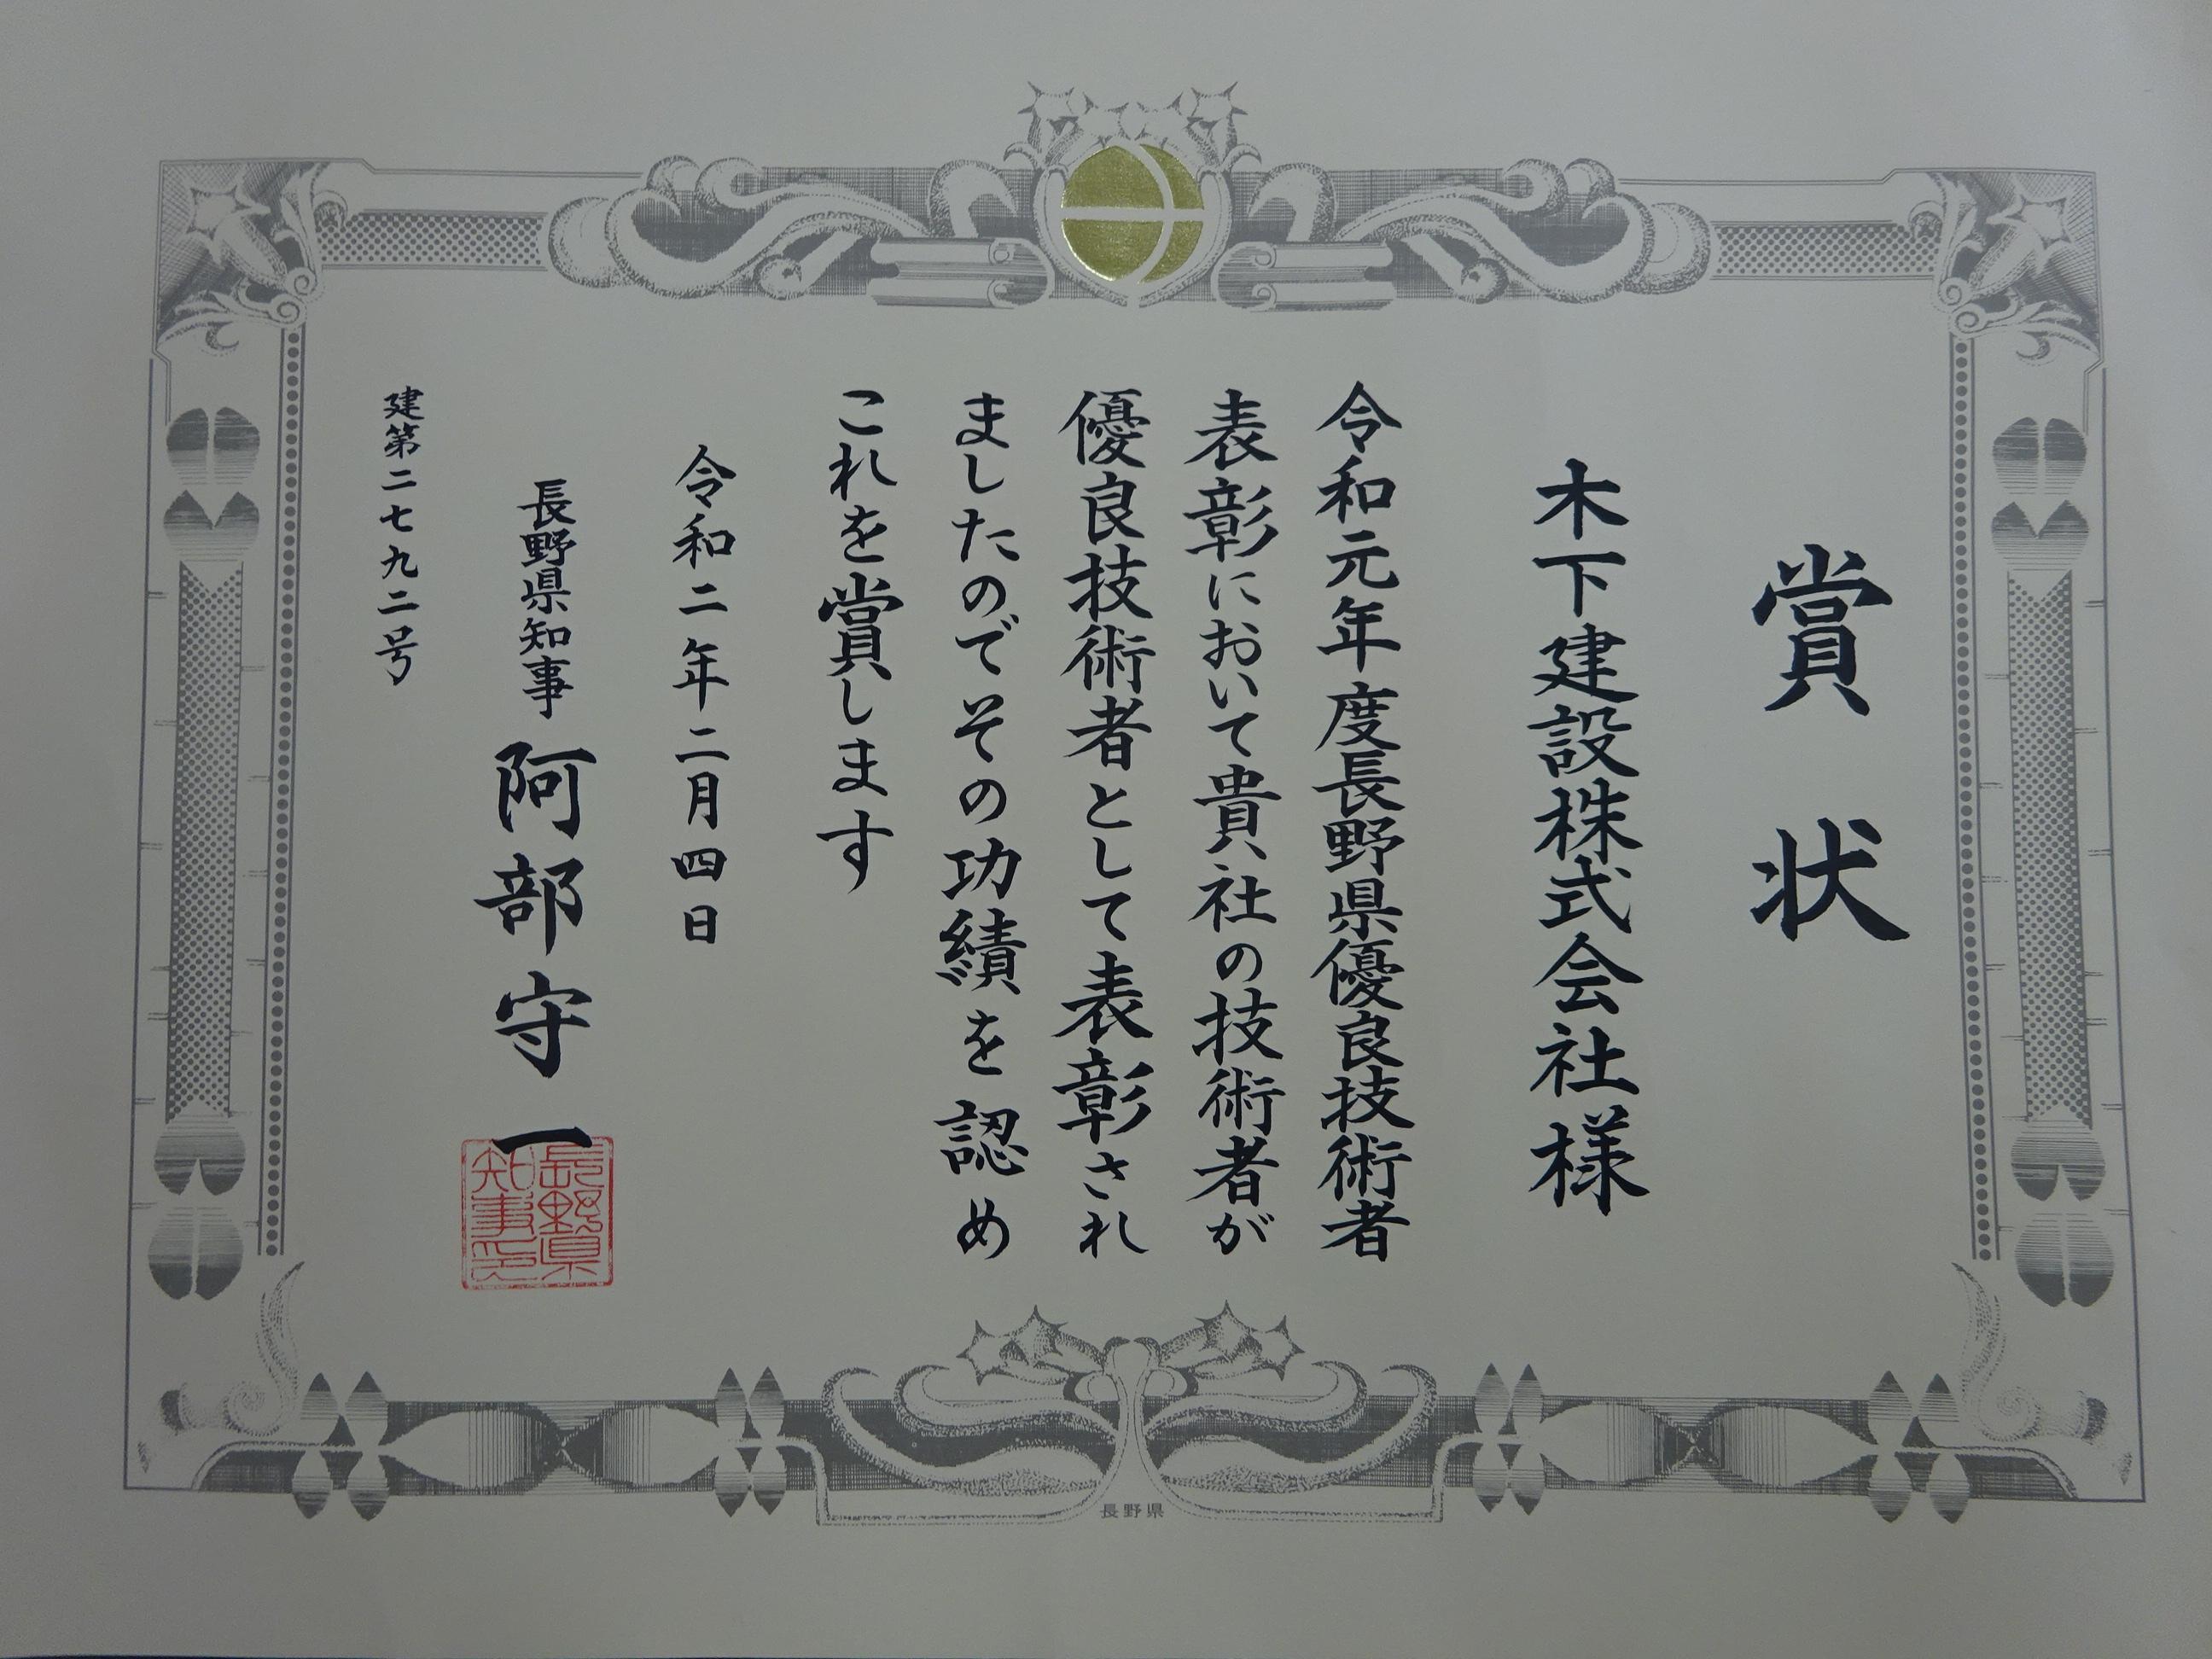 令和元年 長野県優良技術者表彰